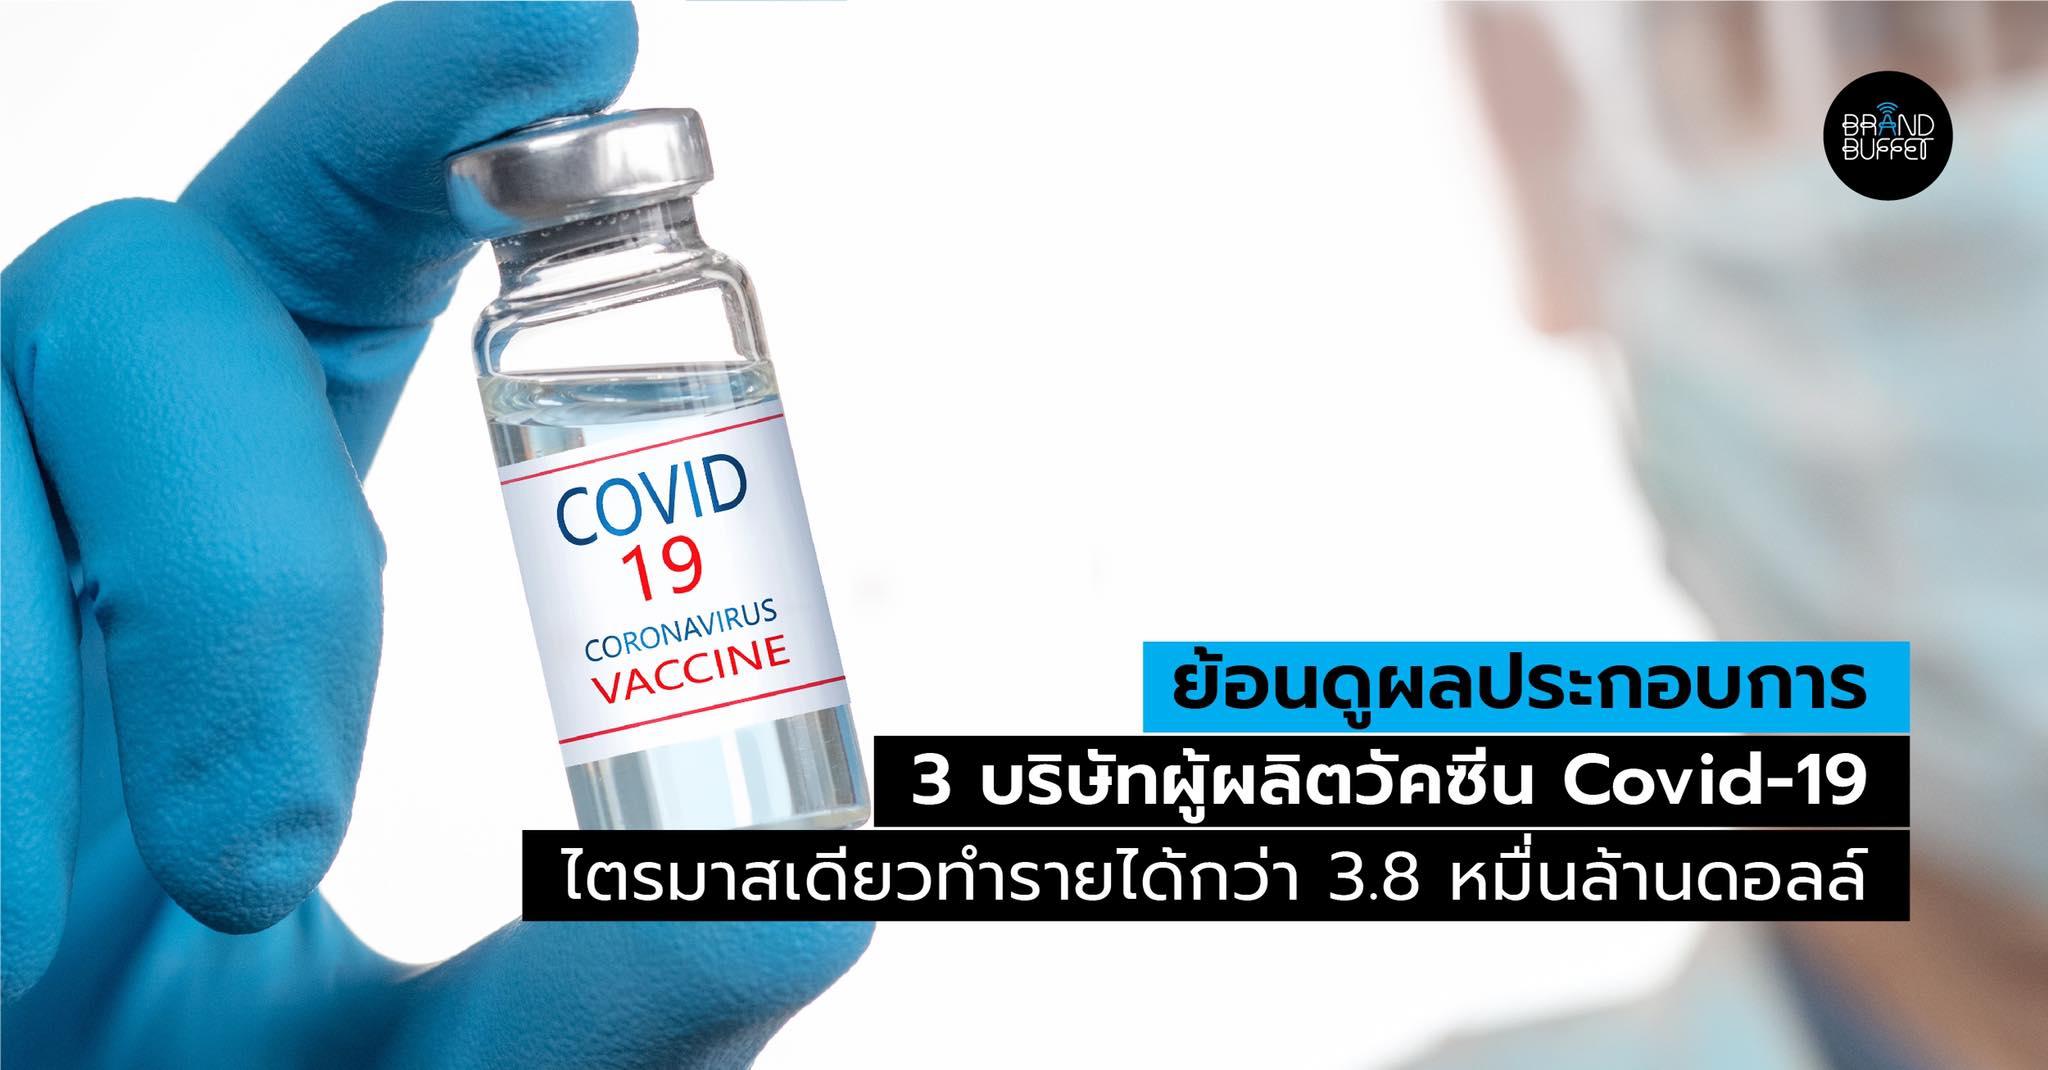 covid vaccine profit